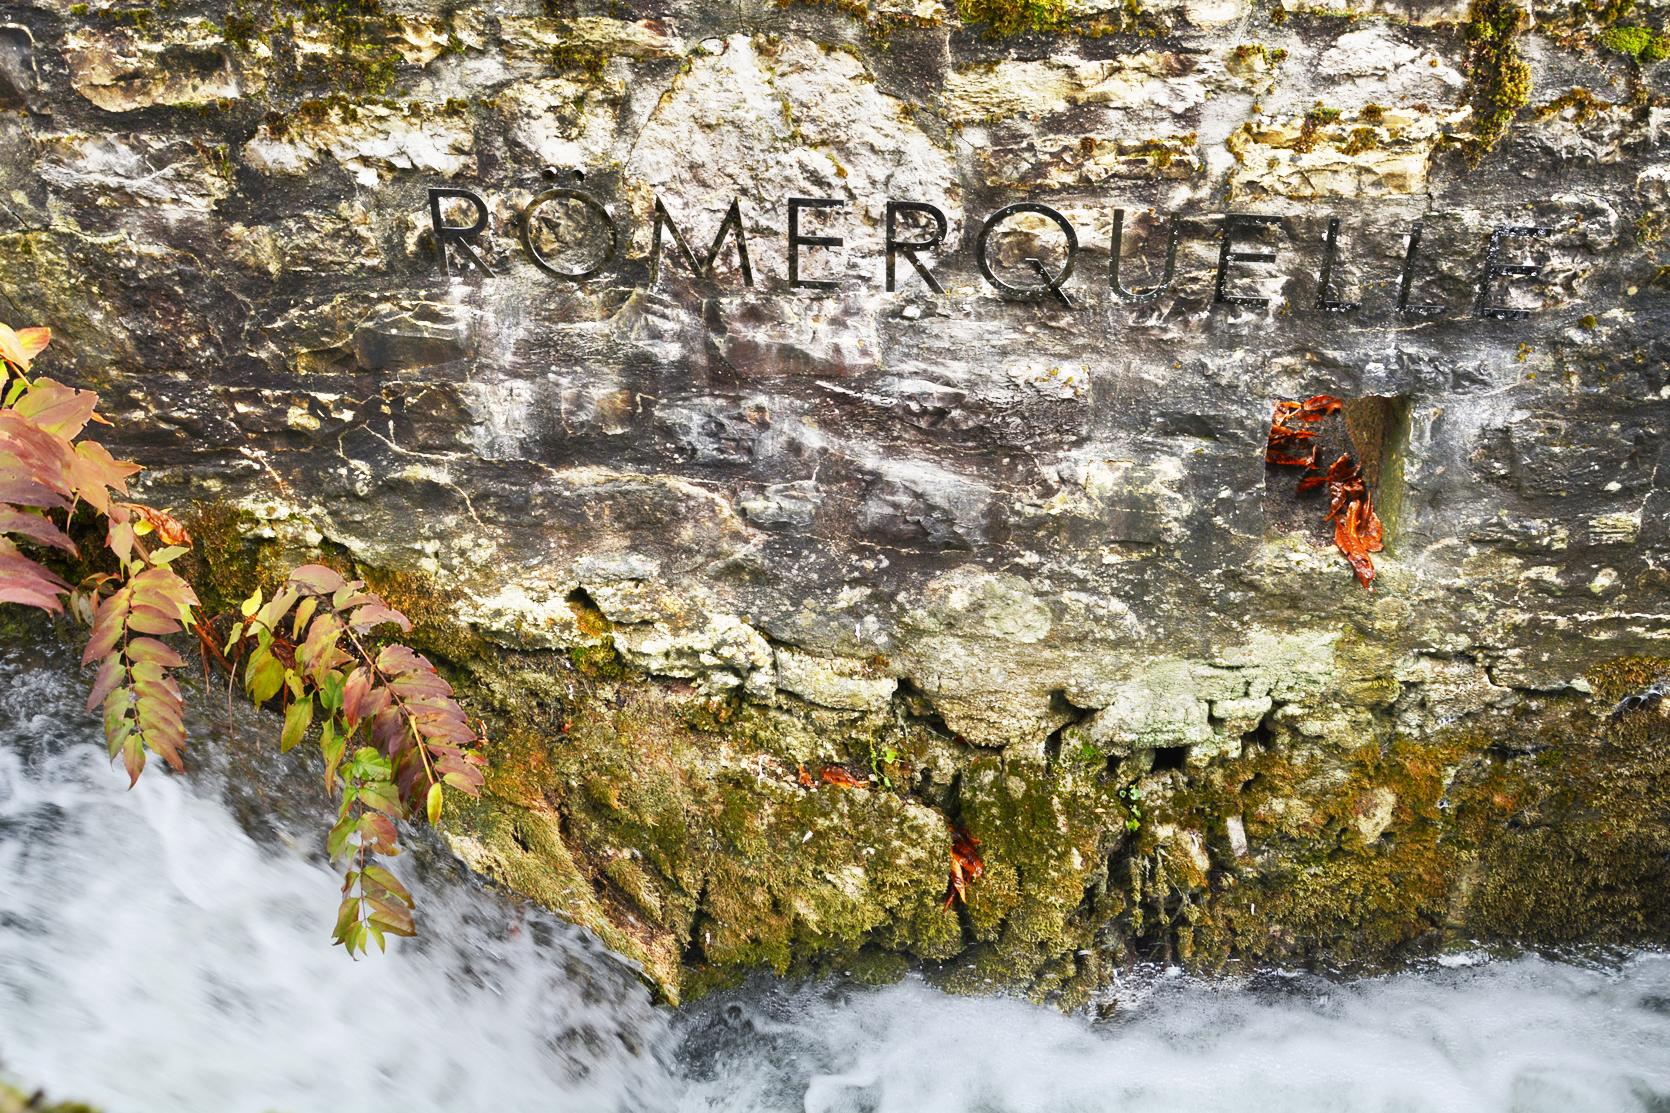 Römerquelle mit Inschrift, aufgenommen 2020